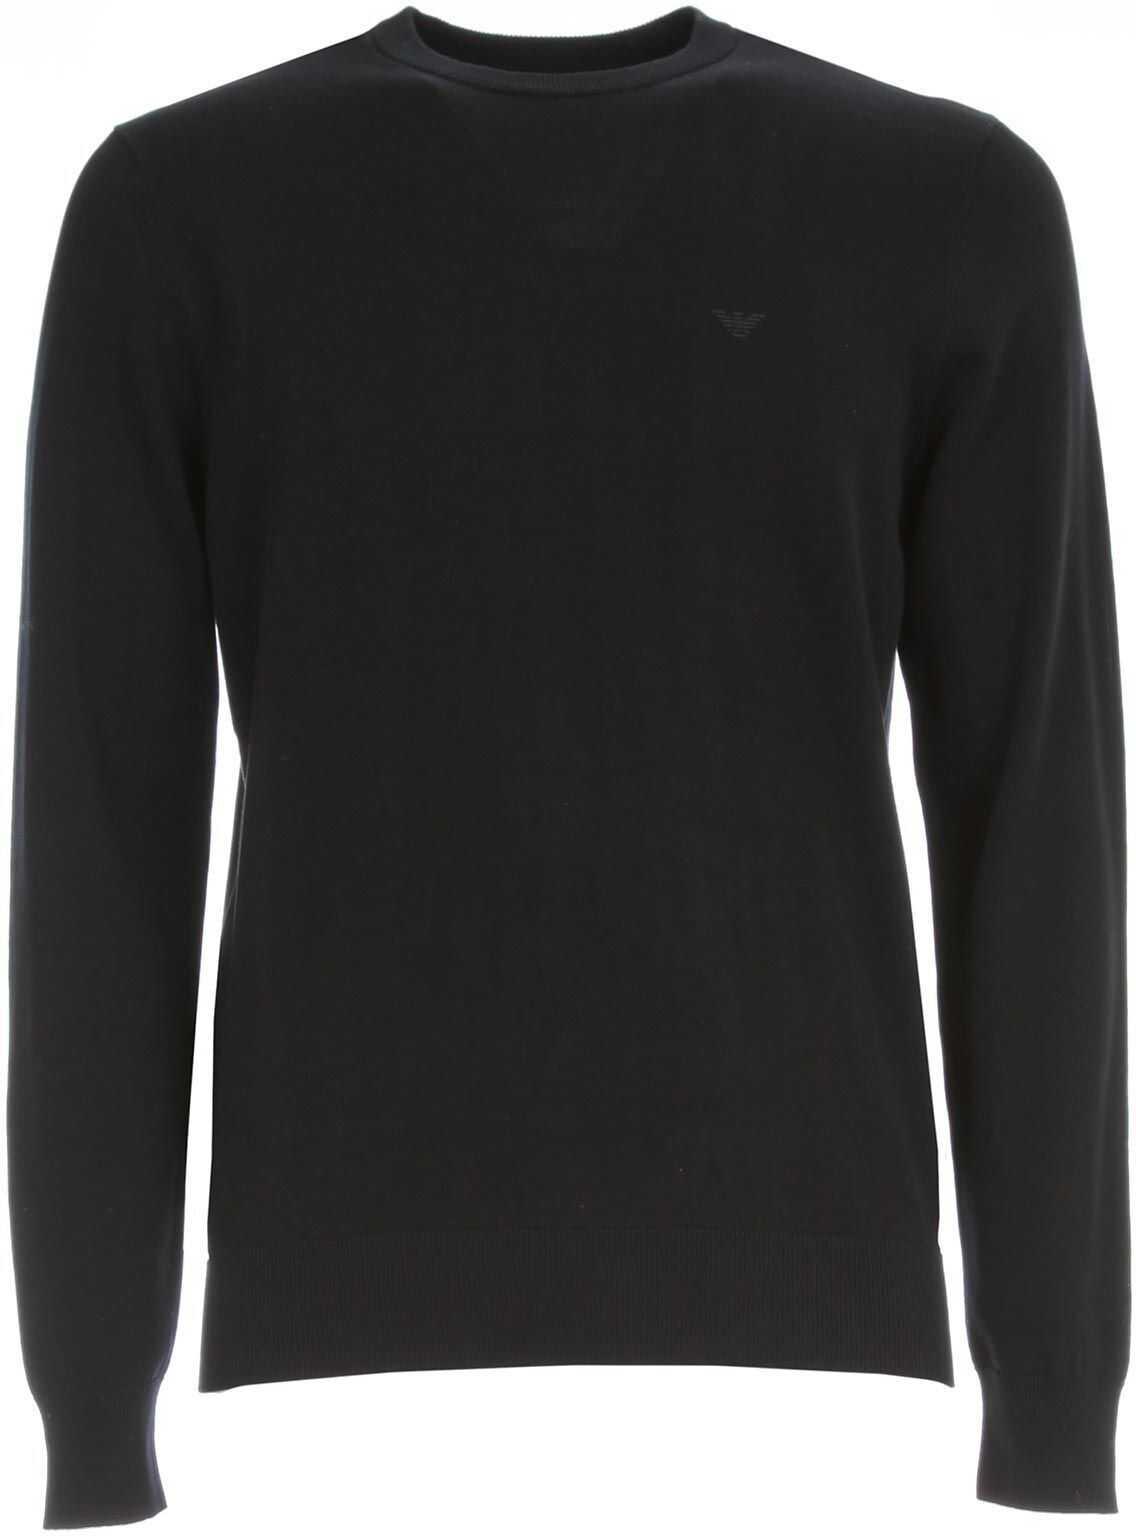 Emporio Armani Cotton Sweater BLUE